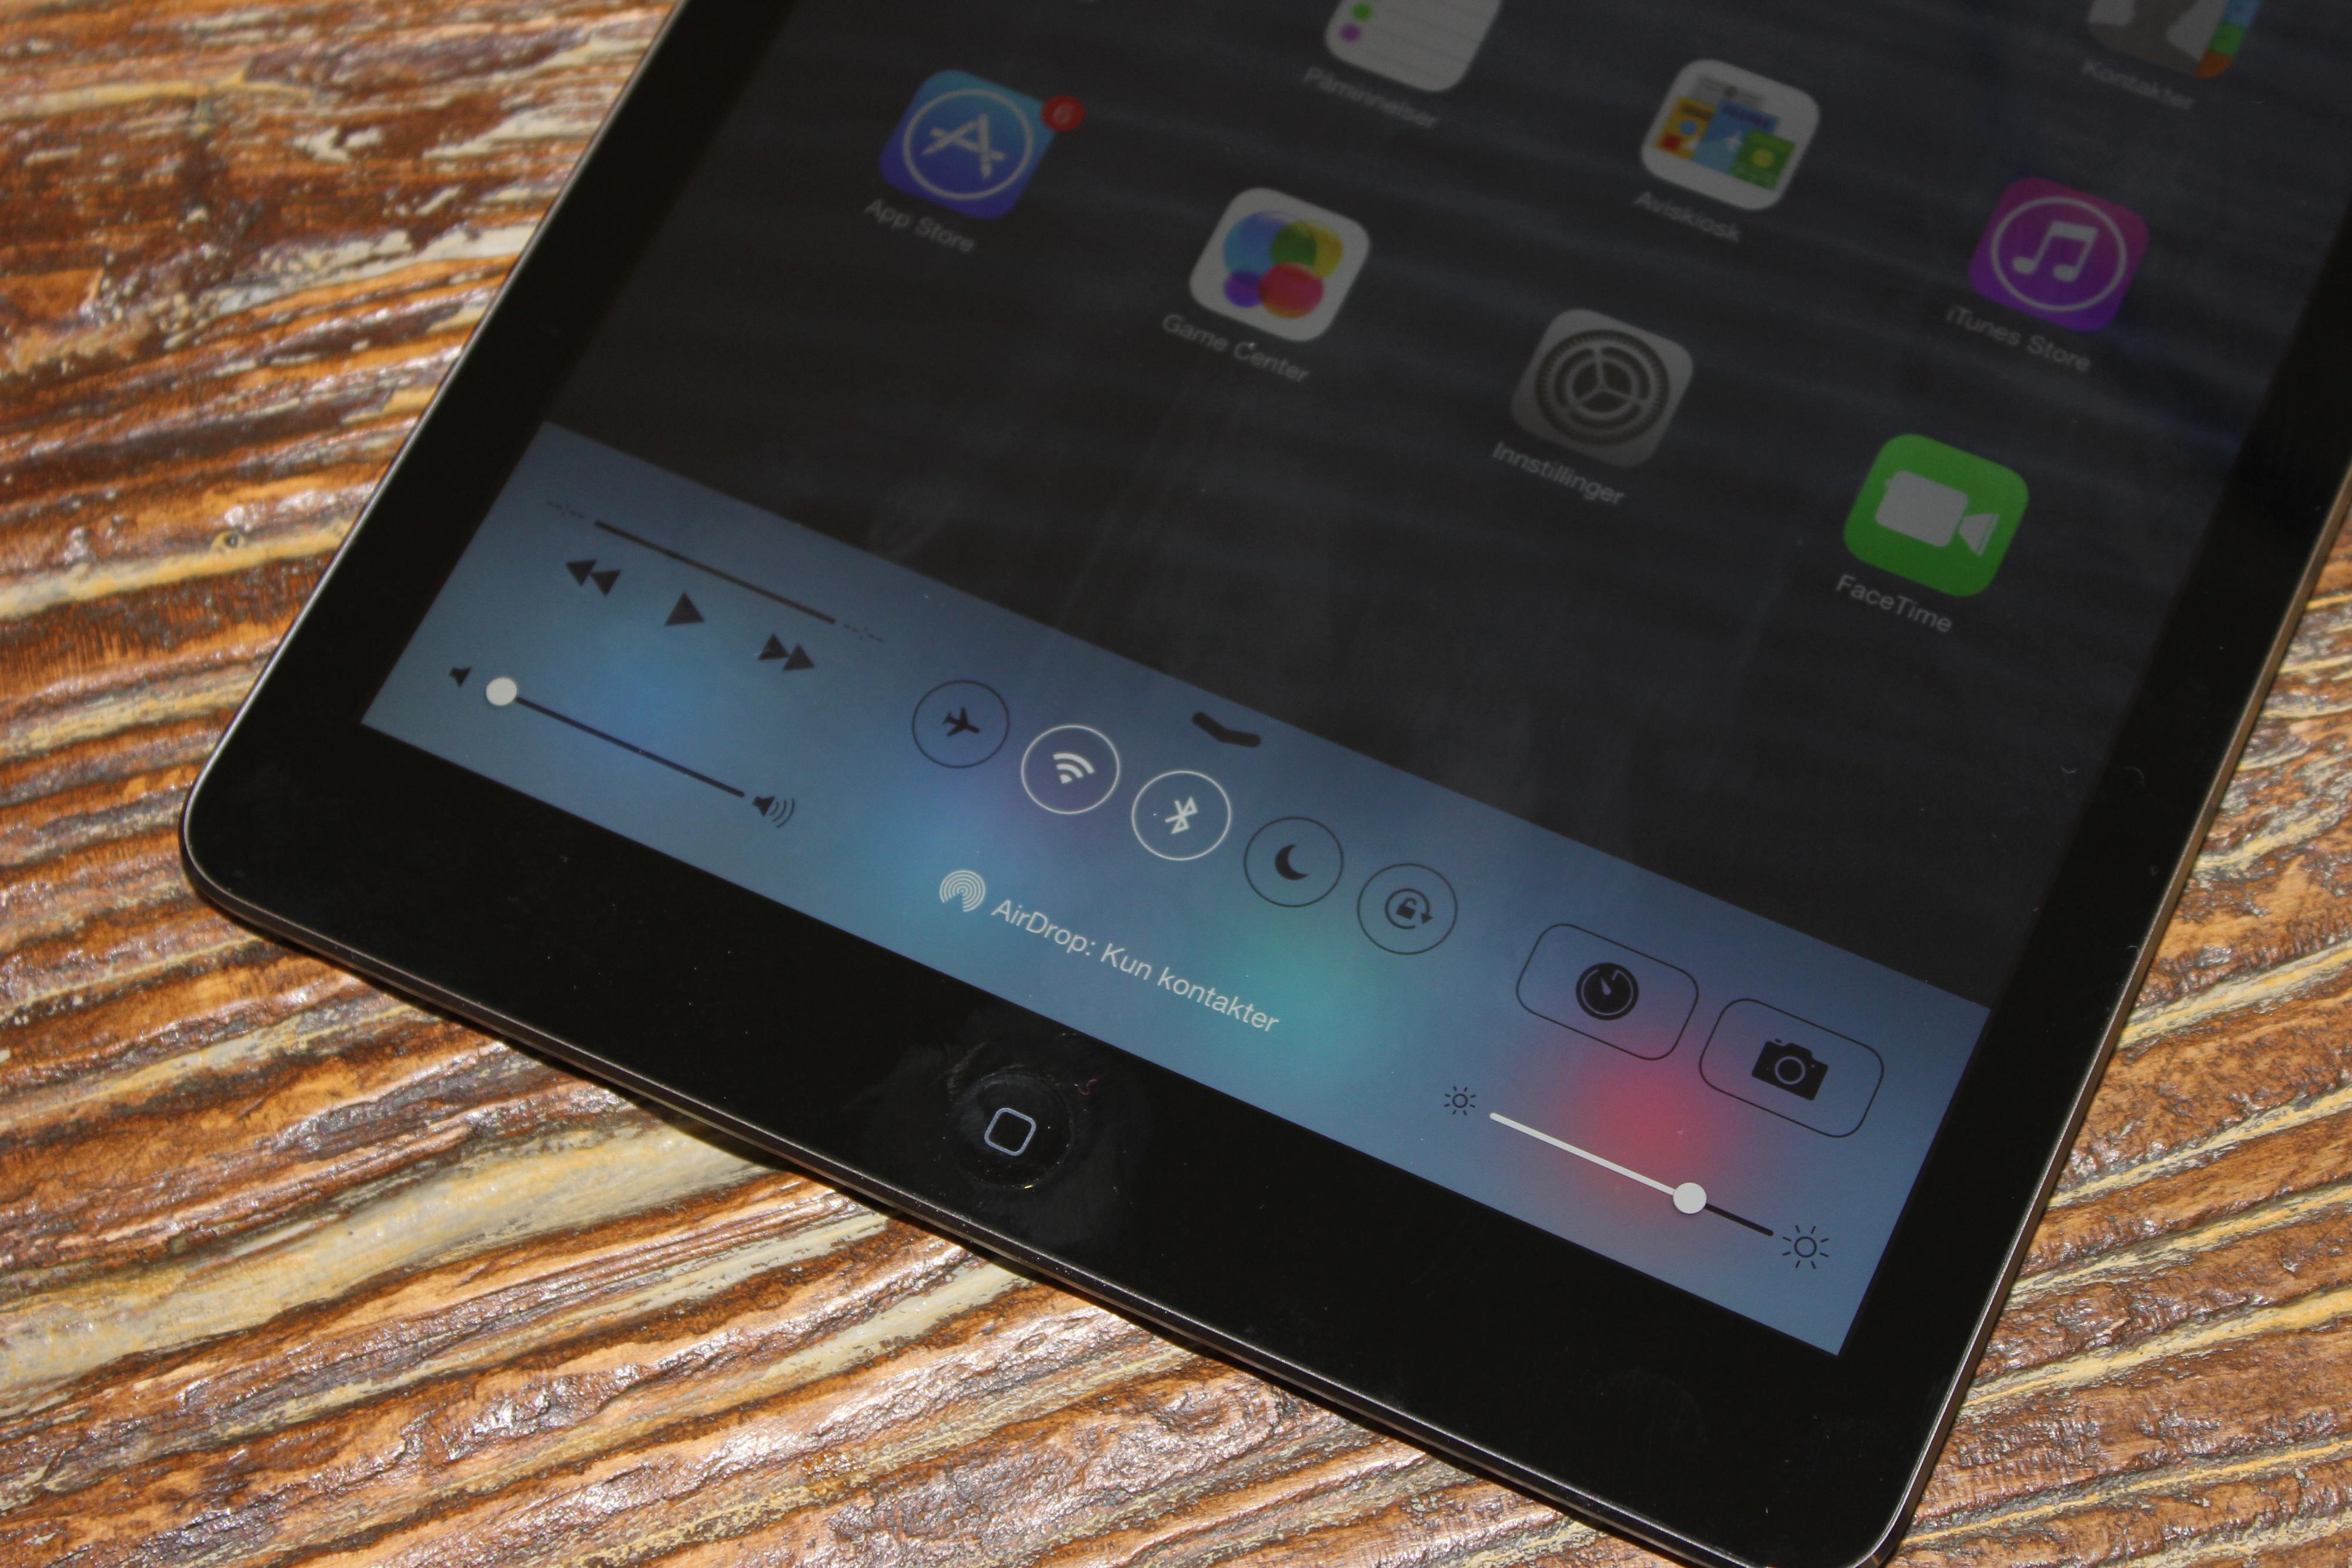 Flere smarte snarveier henter du fra bunnen av skjermen. Foto: Espen Irwing Swang, Amobil.no